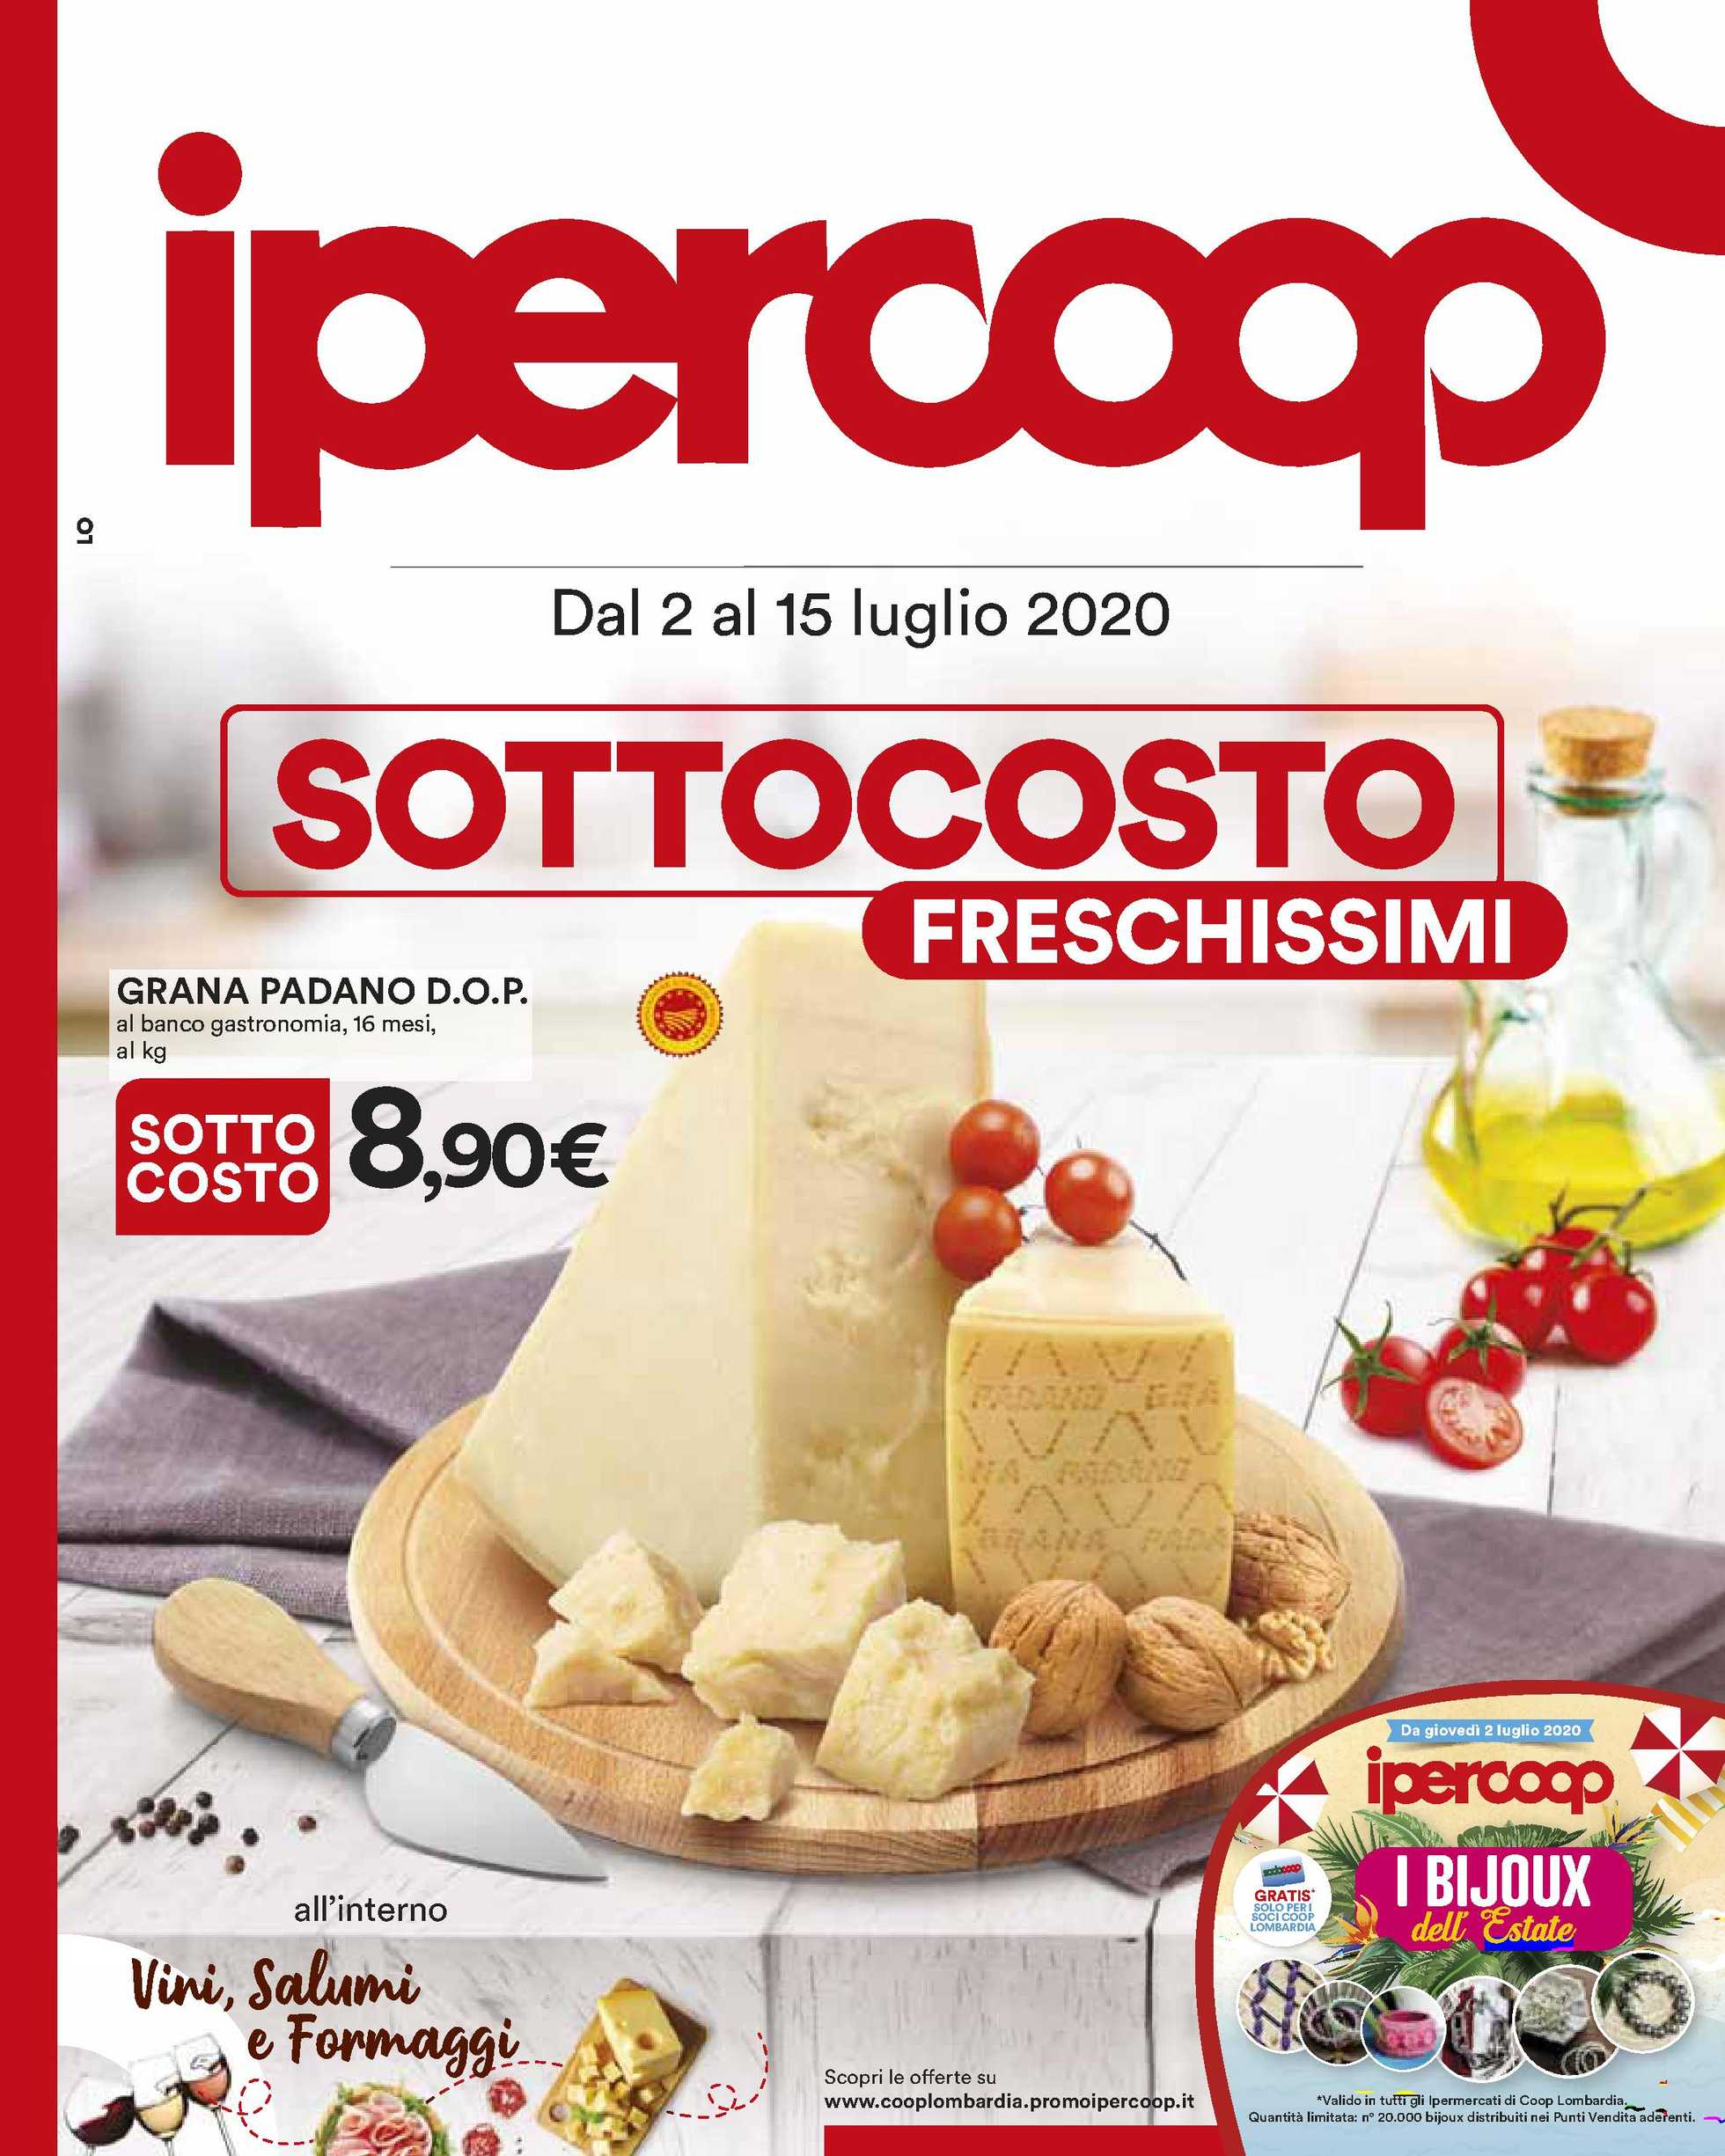 Ipercoop - offerte valide dal 02.07.2020 al 15.07.2020 - pagina 1.